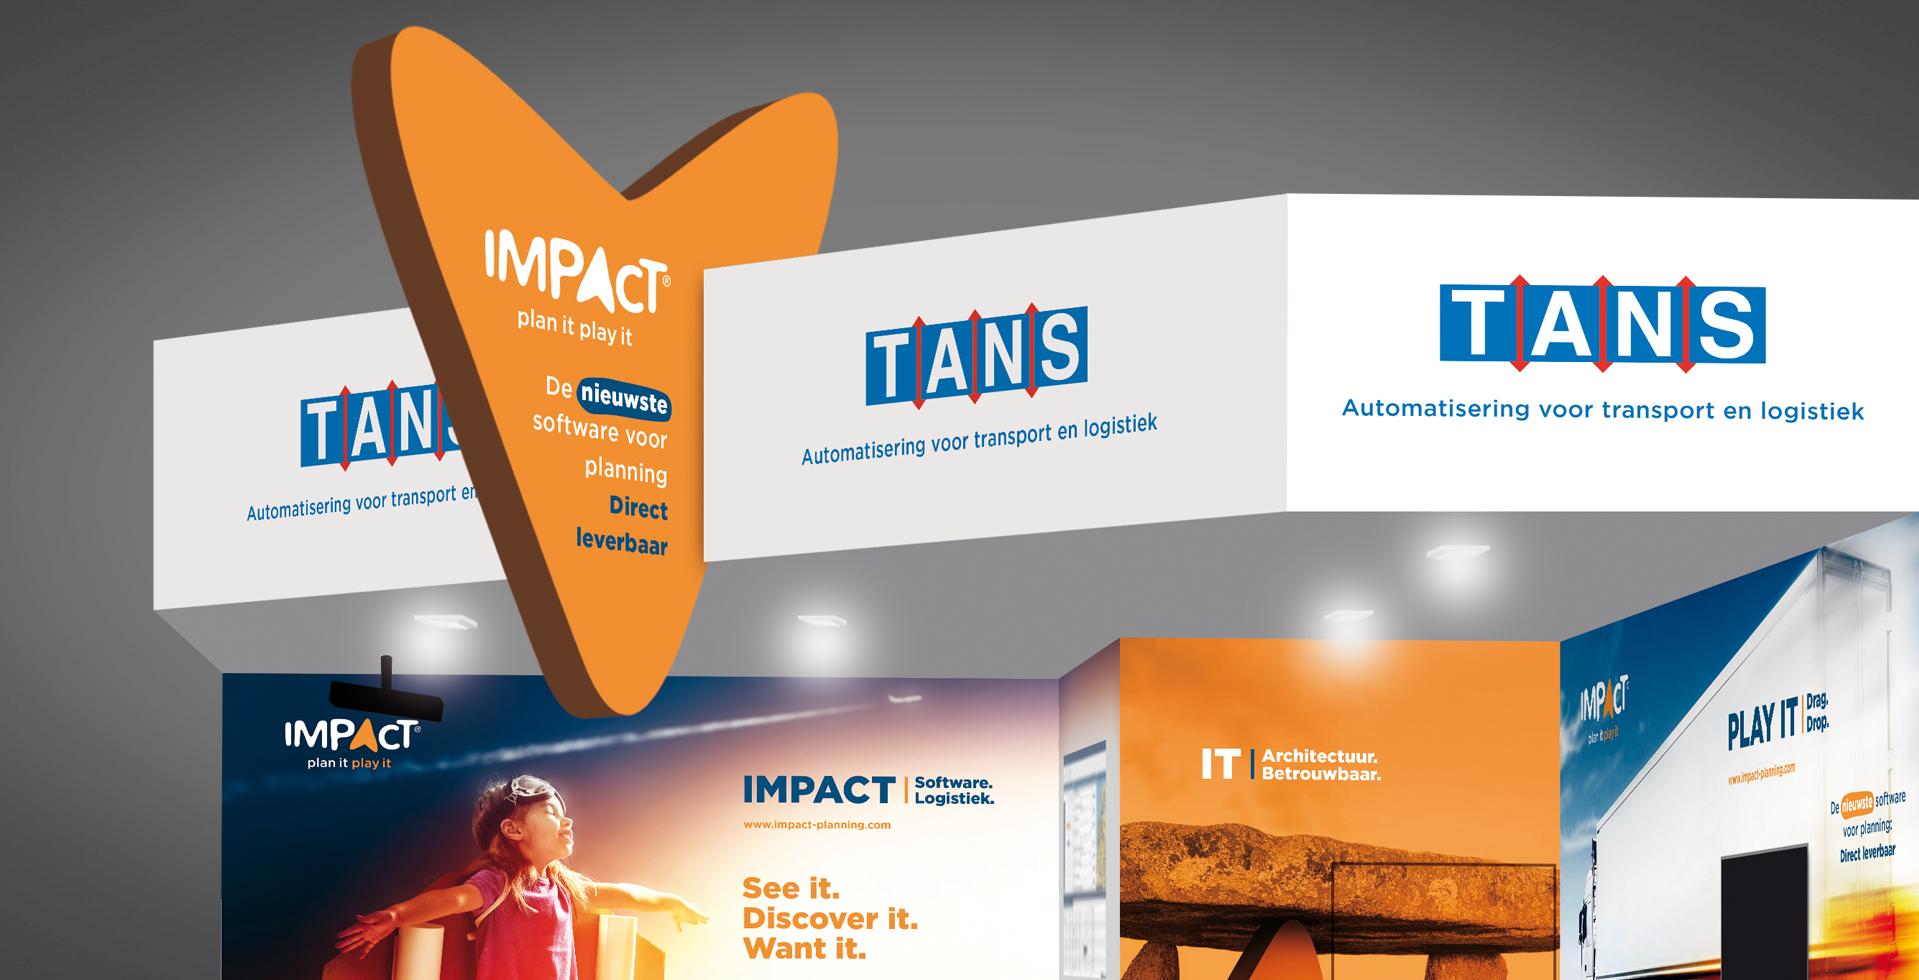 IMPACT beursstand slide 2